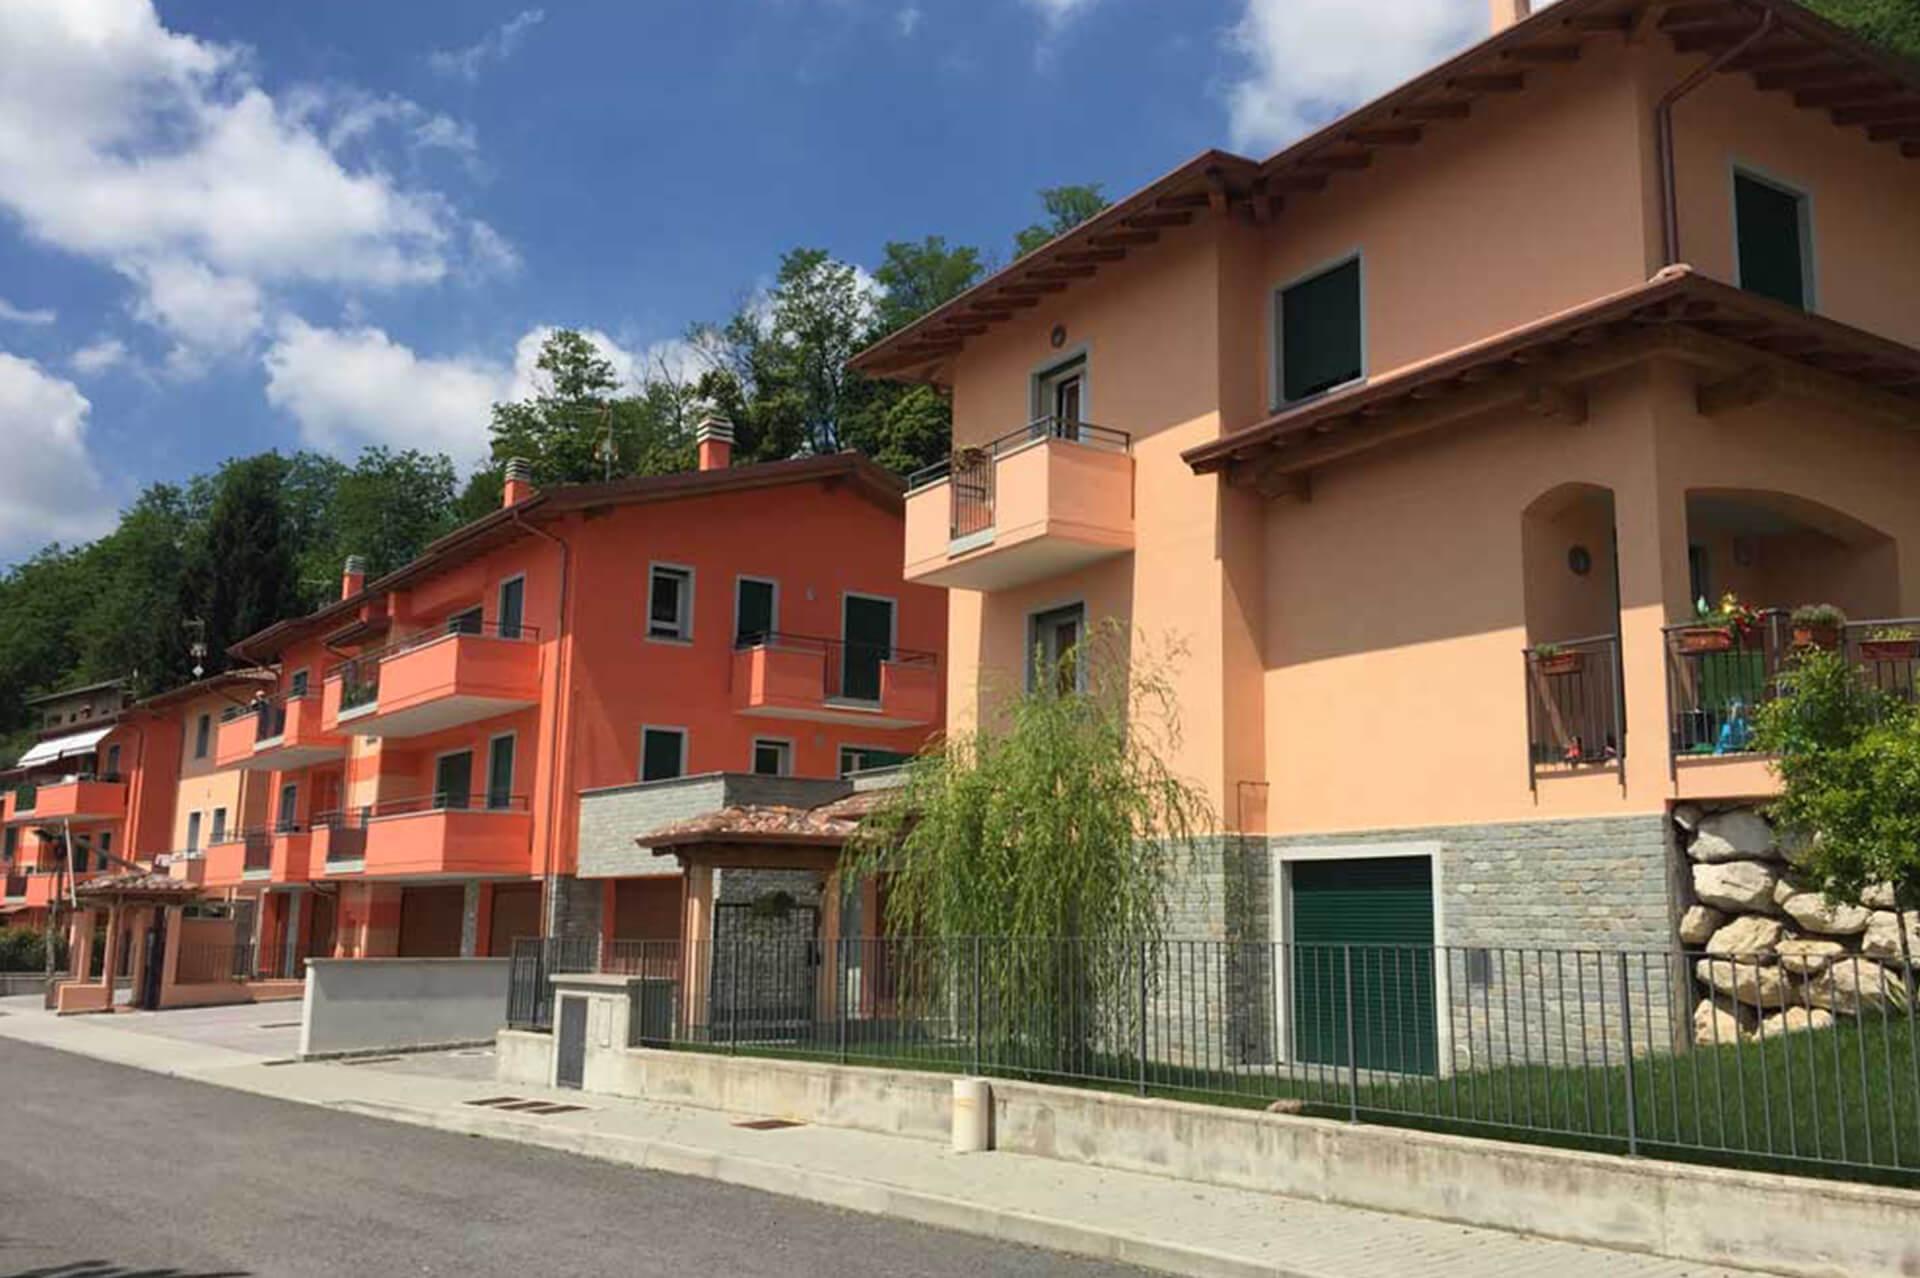 Midaglia impresa edile vendita e ristrutturazioni varese for Subito varese arredamento